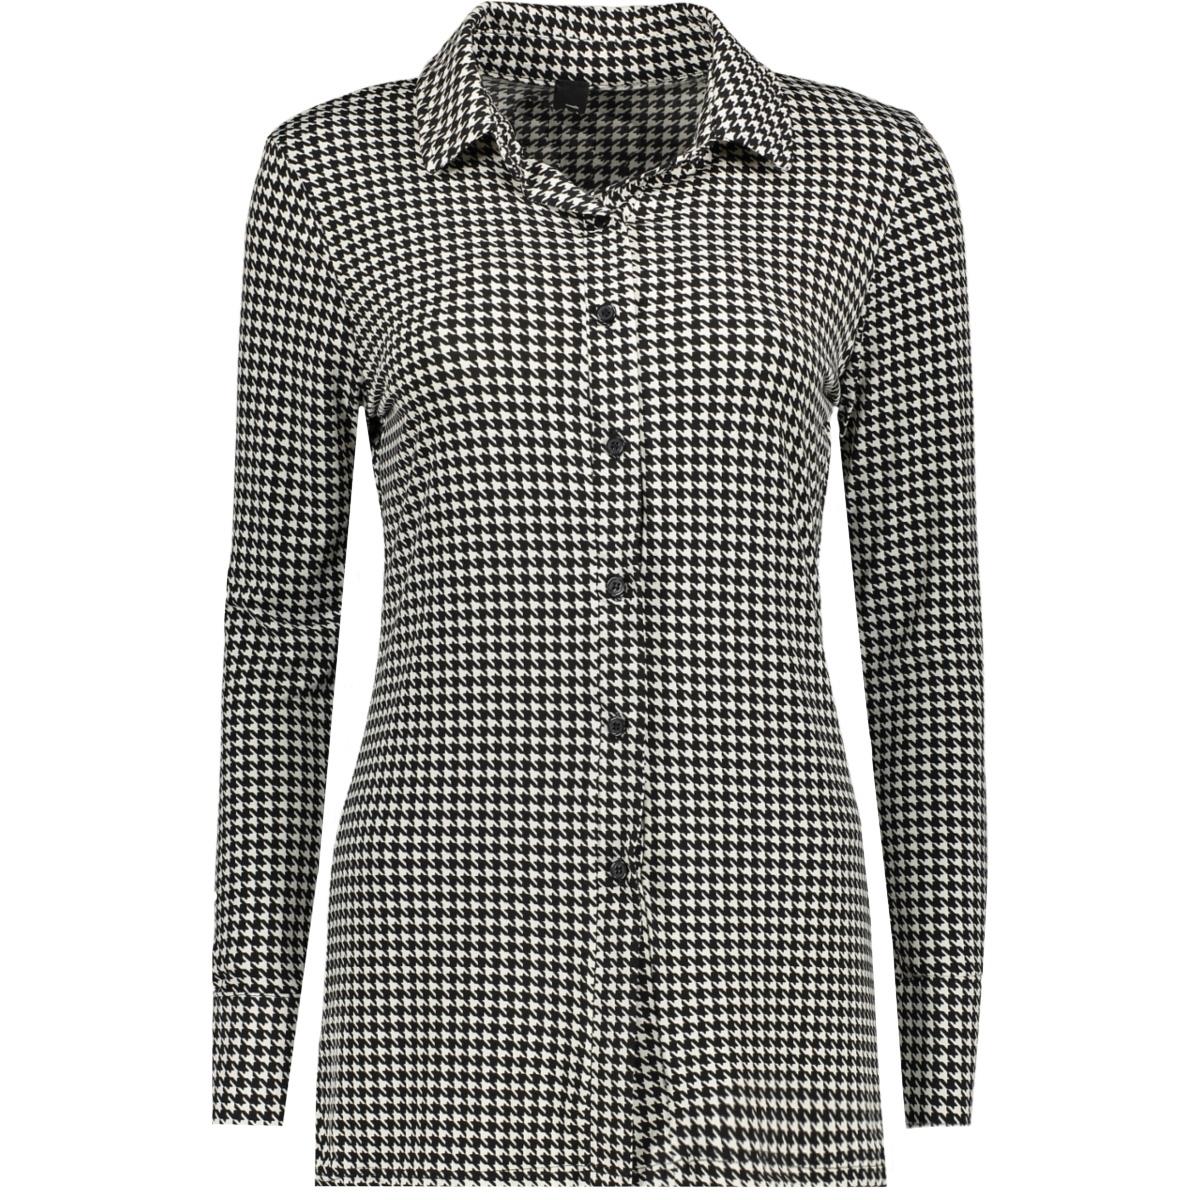 3332 blouse basic iz naiz blouse pied de poule